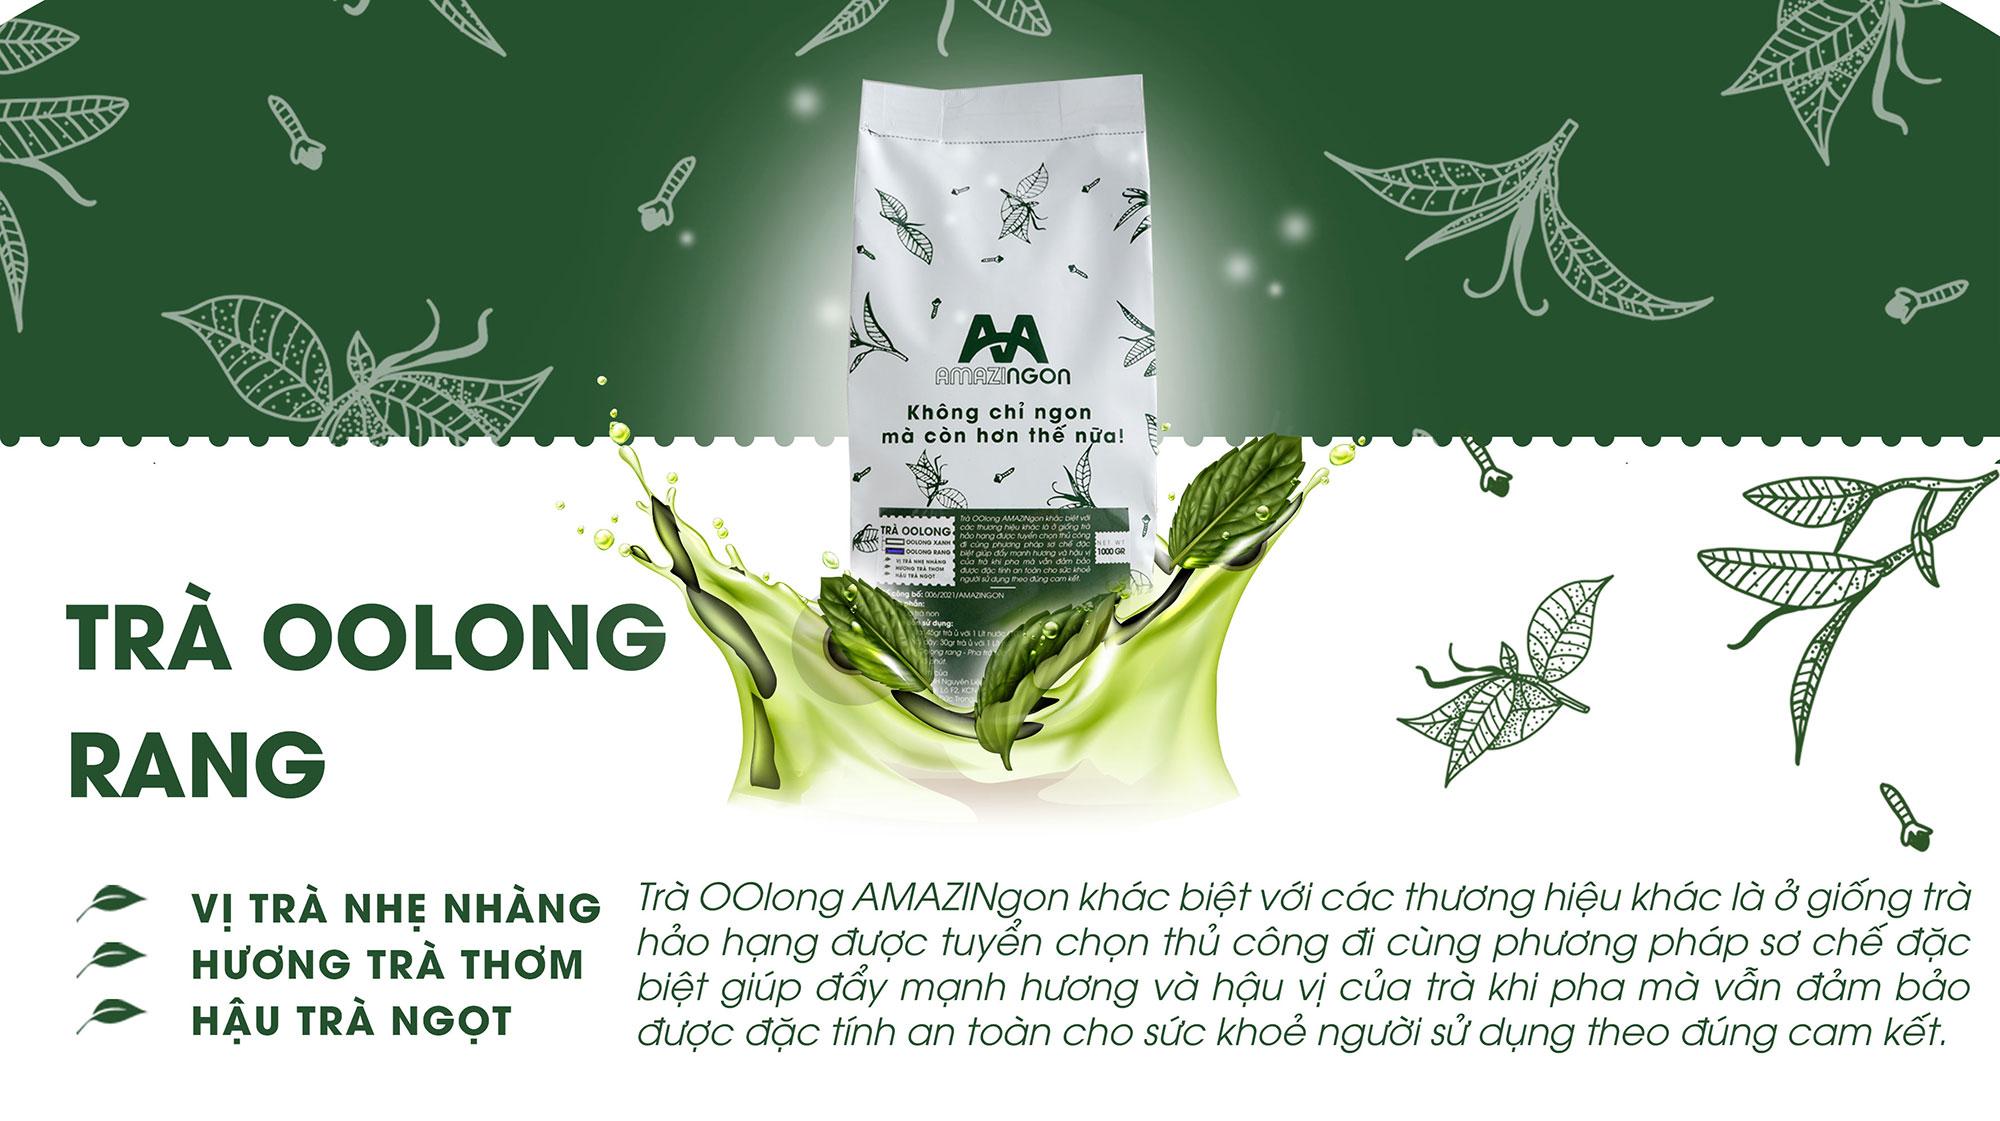 trà Oolong rang